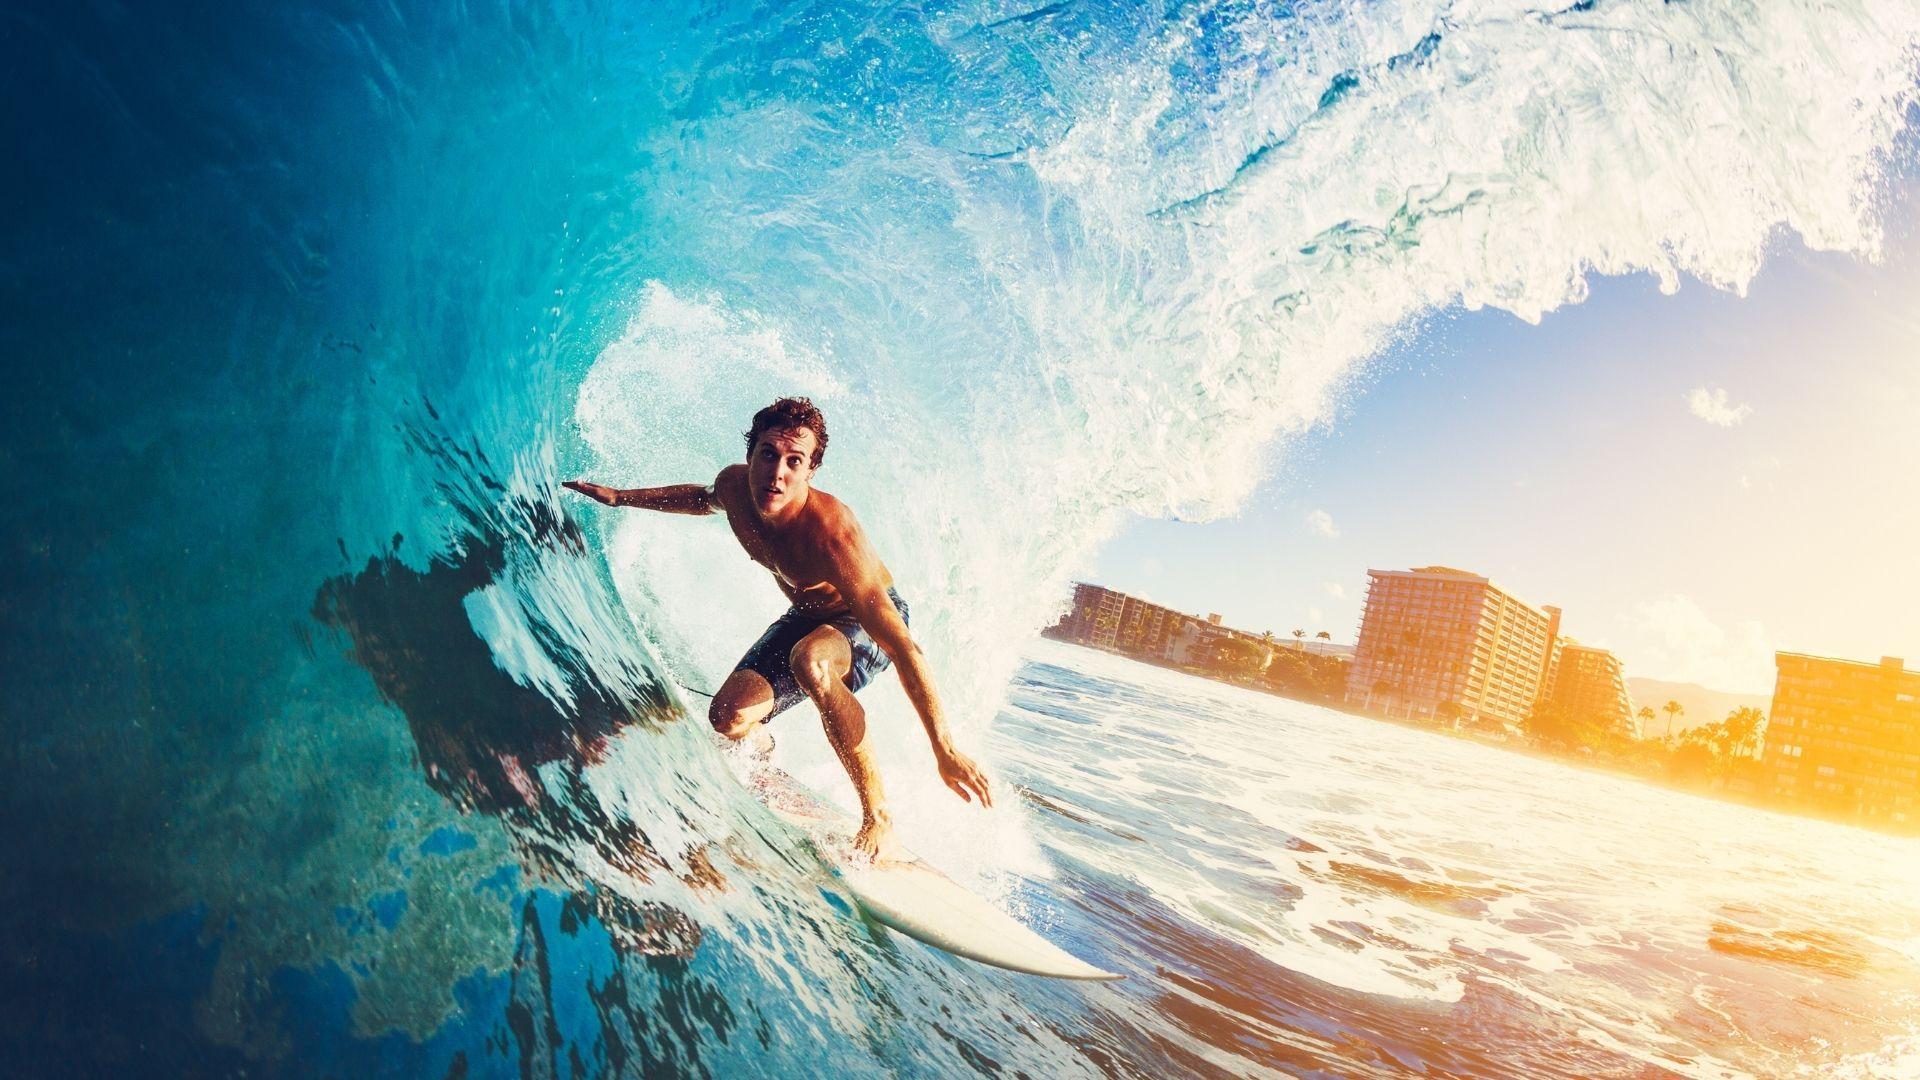 Surfe é um dos esportes olímpicos estreantes (Shutterstock)